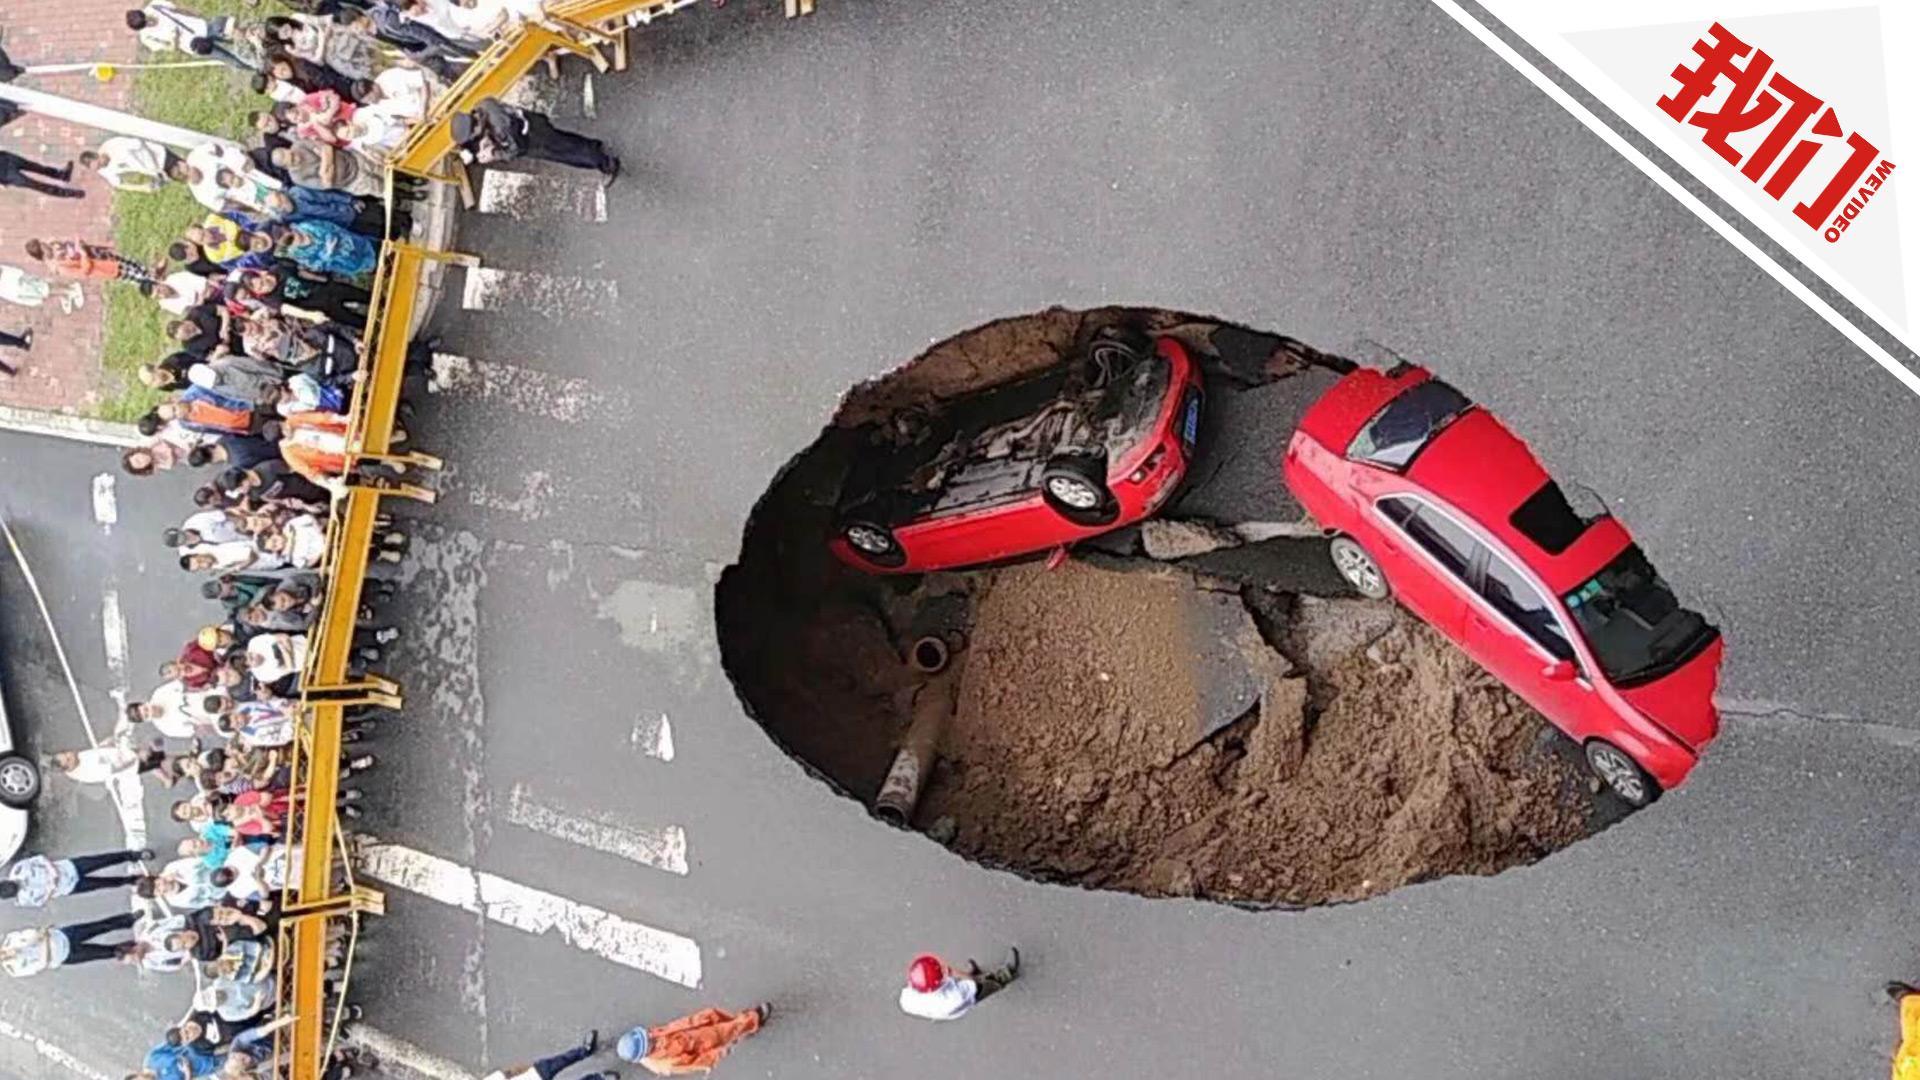 哈尔滨一路面塌陷两轿车掉落大坑 司机:哐当一下 腿都吓软了